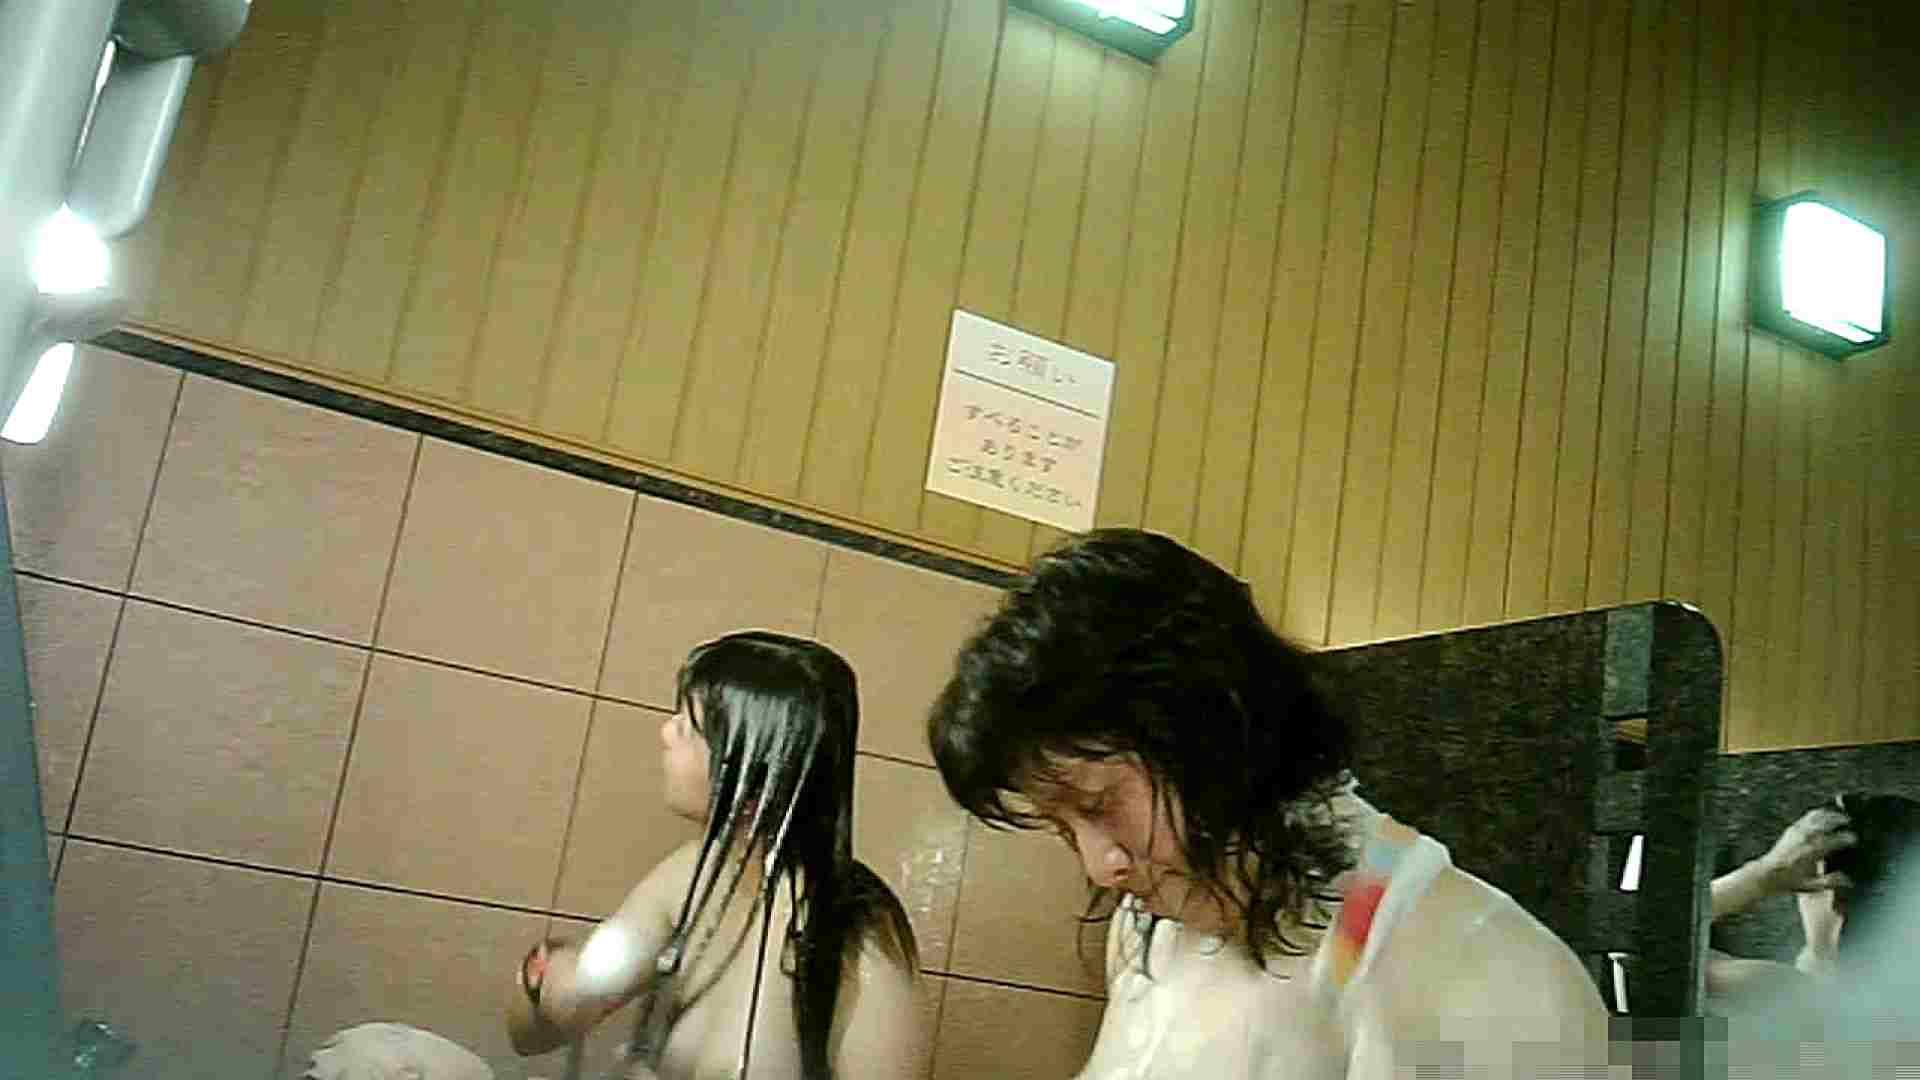 無修正ヌード|Vol.26 洗い場!抱き心地は最高でしょう。奥の嬢さんの方の話ですよ!|怪盗ジョーカー